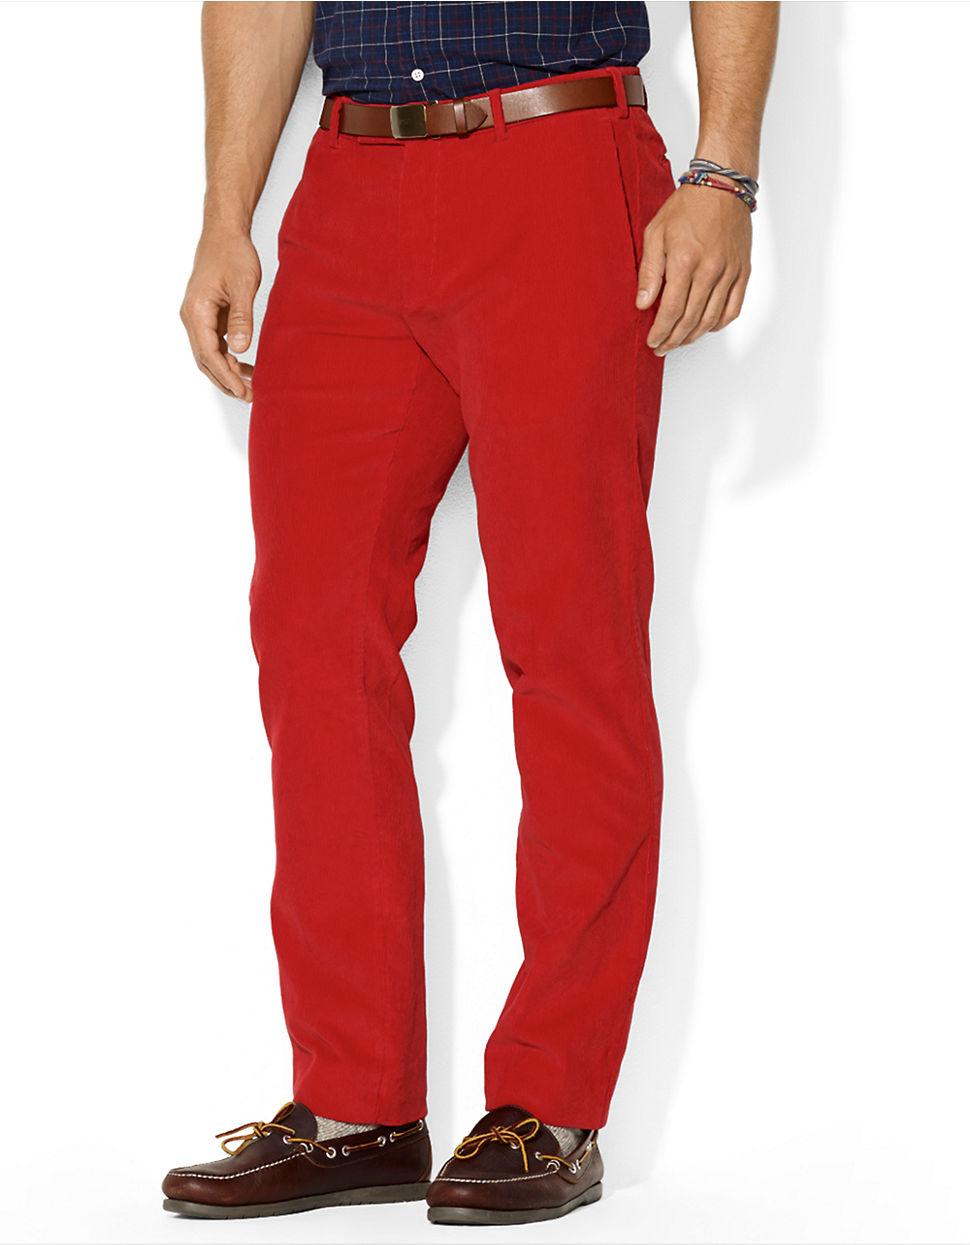 For Front Flat Red Lauren Corduroy Polo Men Fit Ralph Classic Pants USVzMp